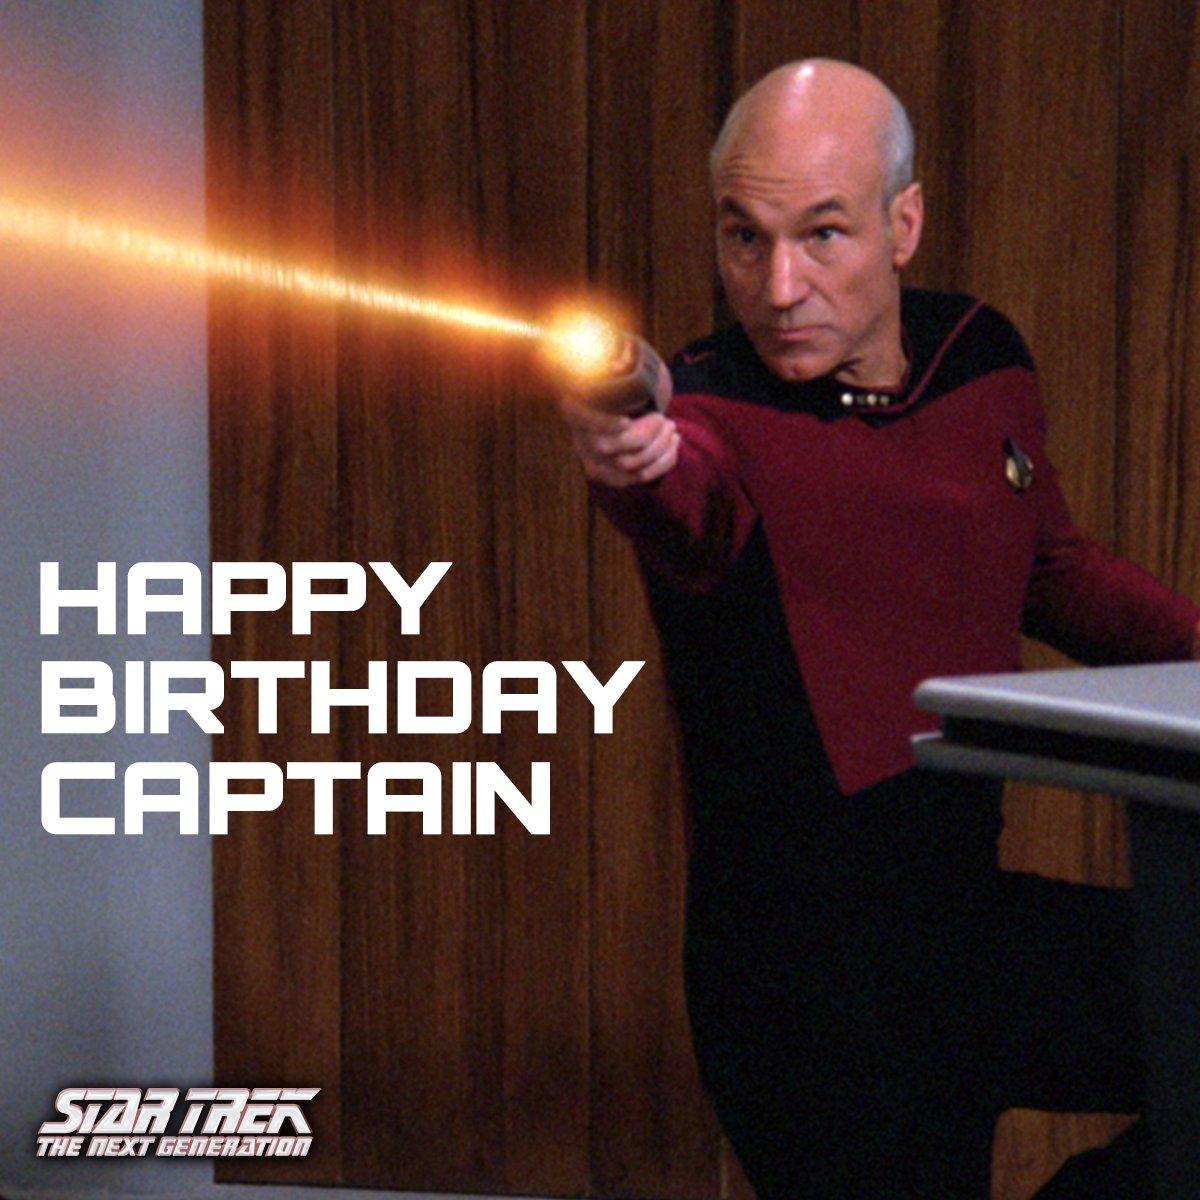 Happy Birthday Captain, have a blast! #StarTrek @SirPatStew